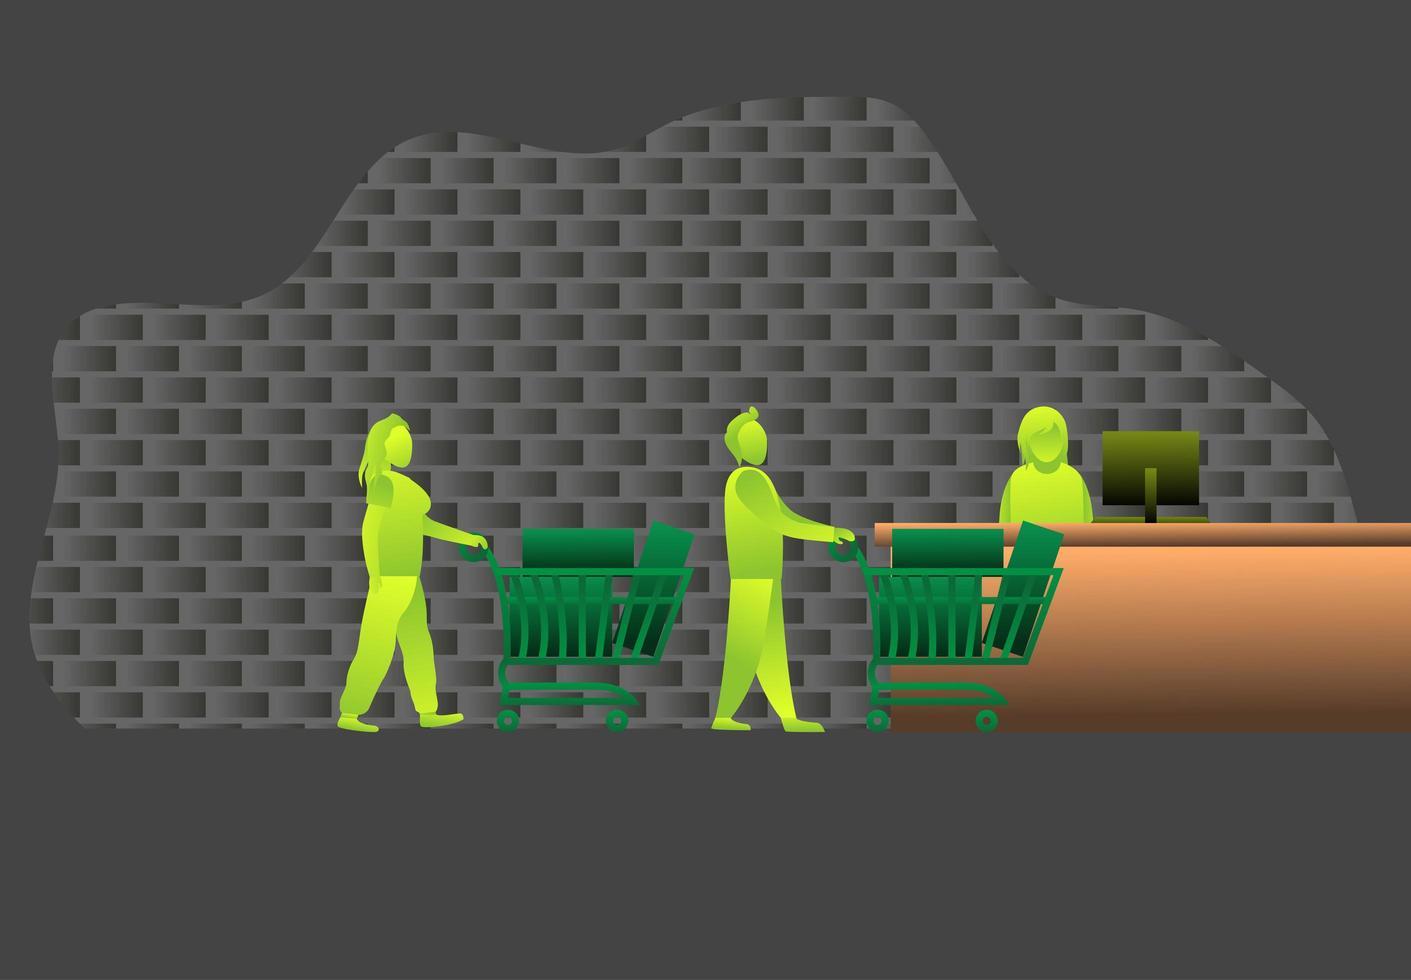 les clients se tiennent en ligne supermarché, illustration vectorielle de caddie, dessin animé achat hors ligne vente ramadhan kareem et quarantaine à la maison. bon caissier de vente de caractère vecteur